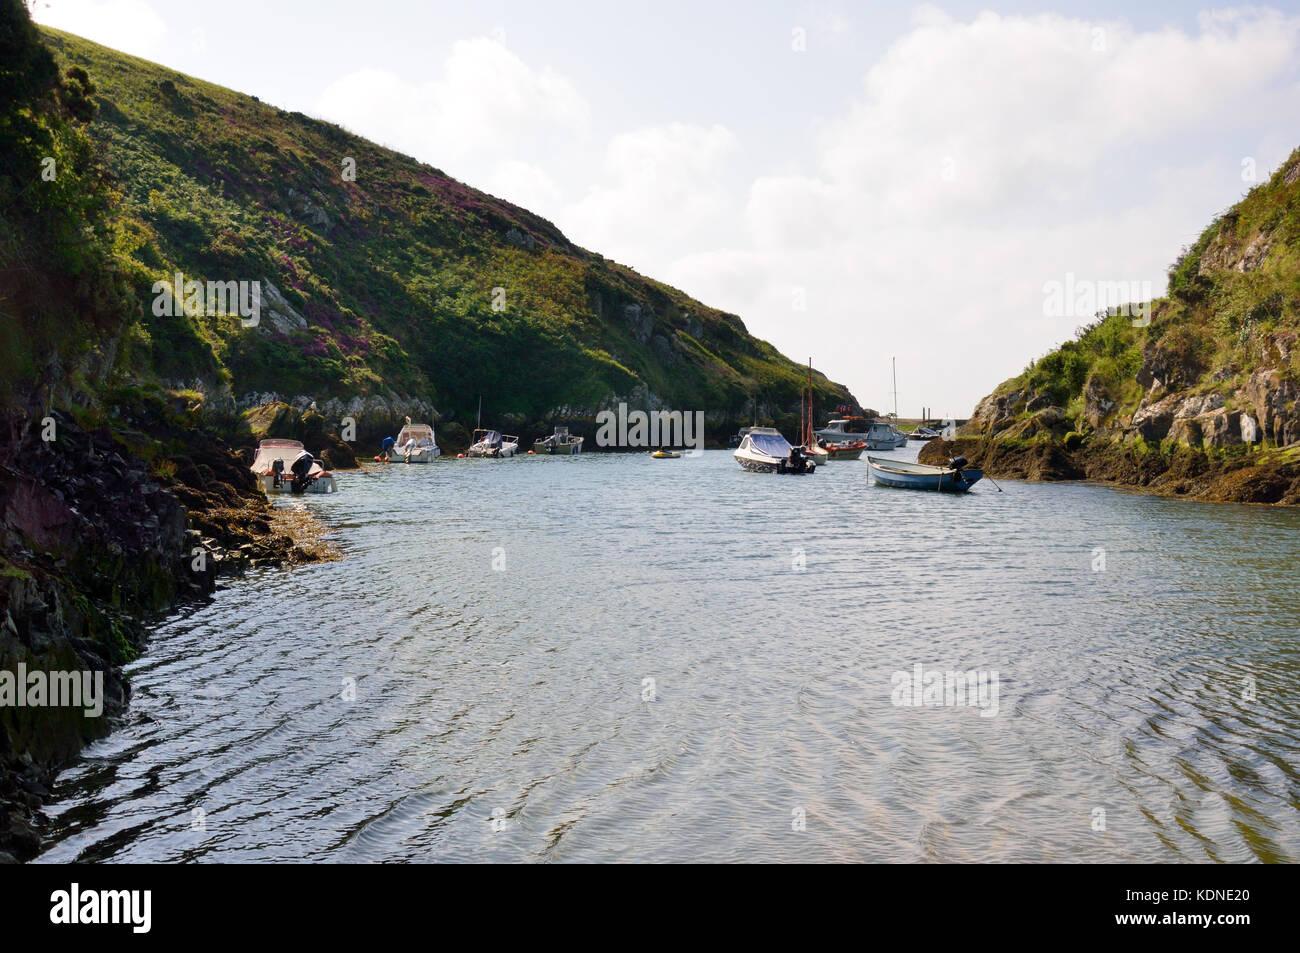 Porth Clais Harbour Stock Photo